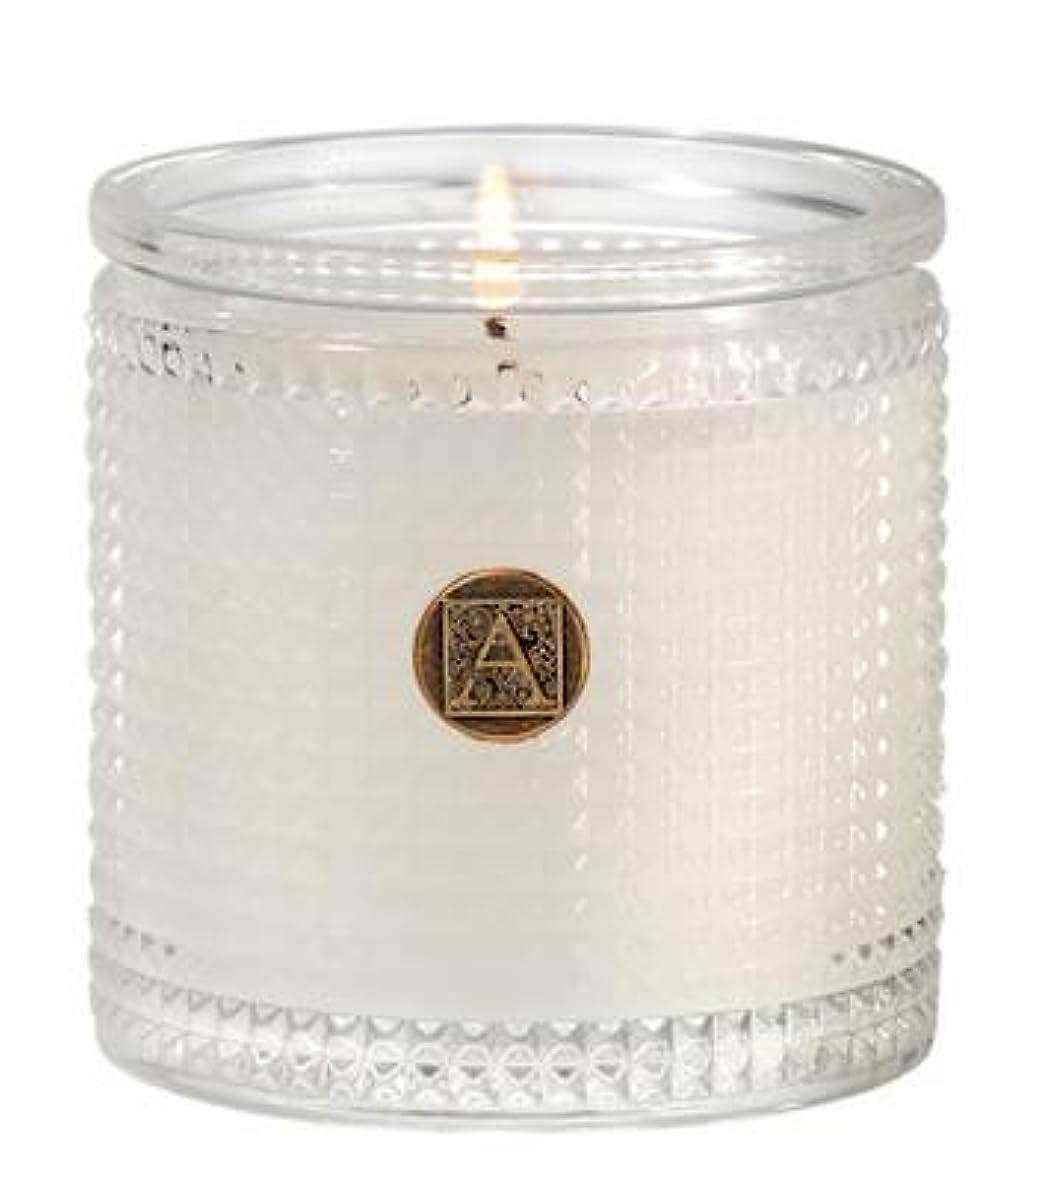 単調な写真の簡略化するAromatique BourbonベルガモットTexturedガラス香りつきJar Candle